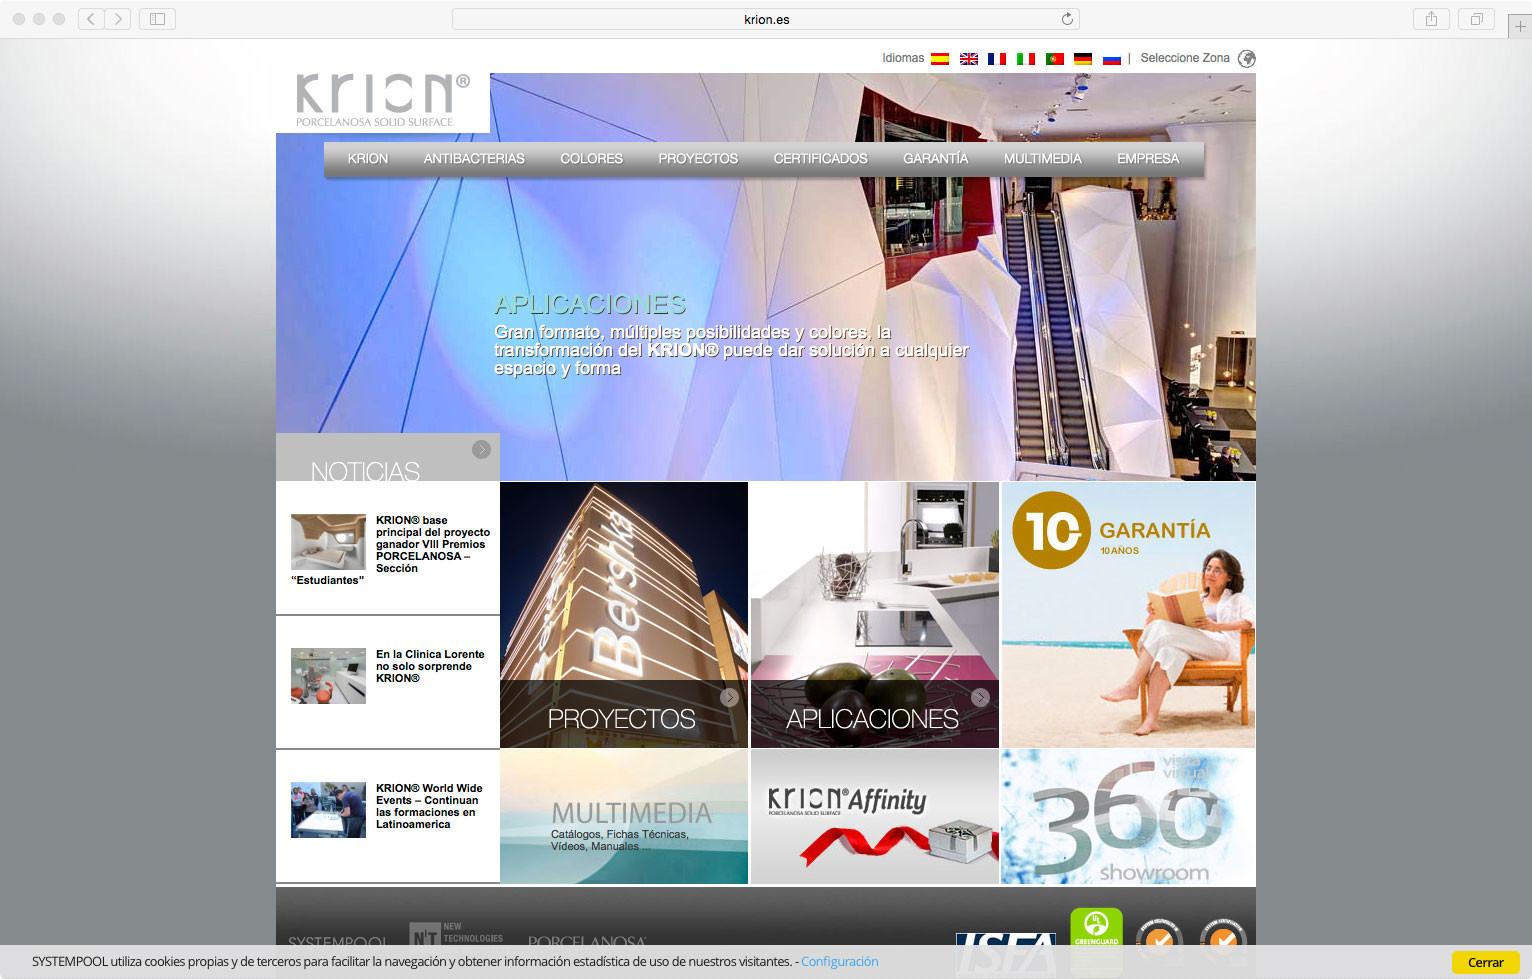 wellaggio diseño web valencia Aplicación Krion Affinity